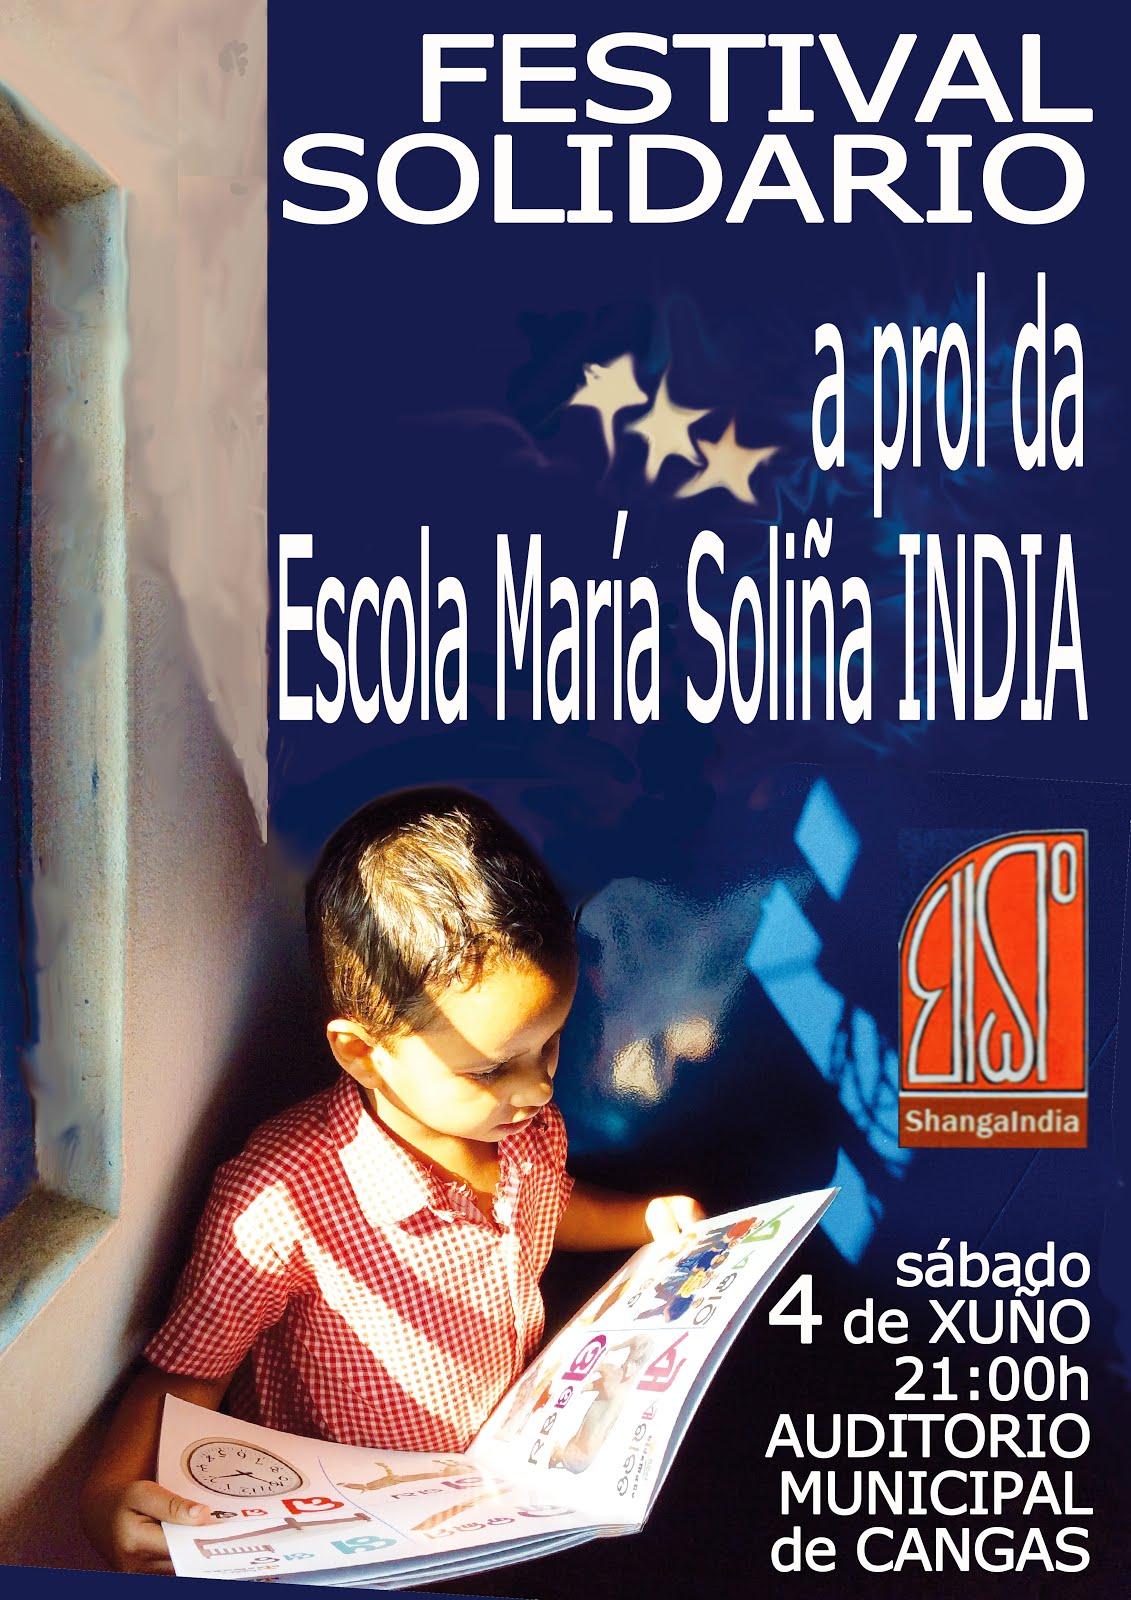 Festival Solidario 2016